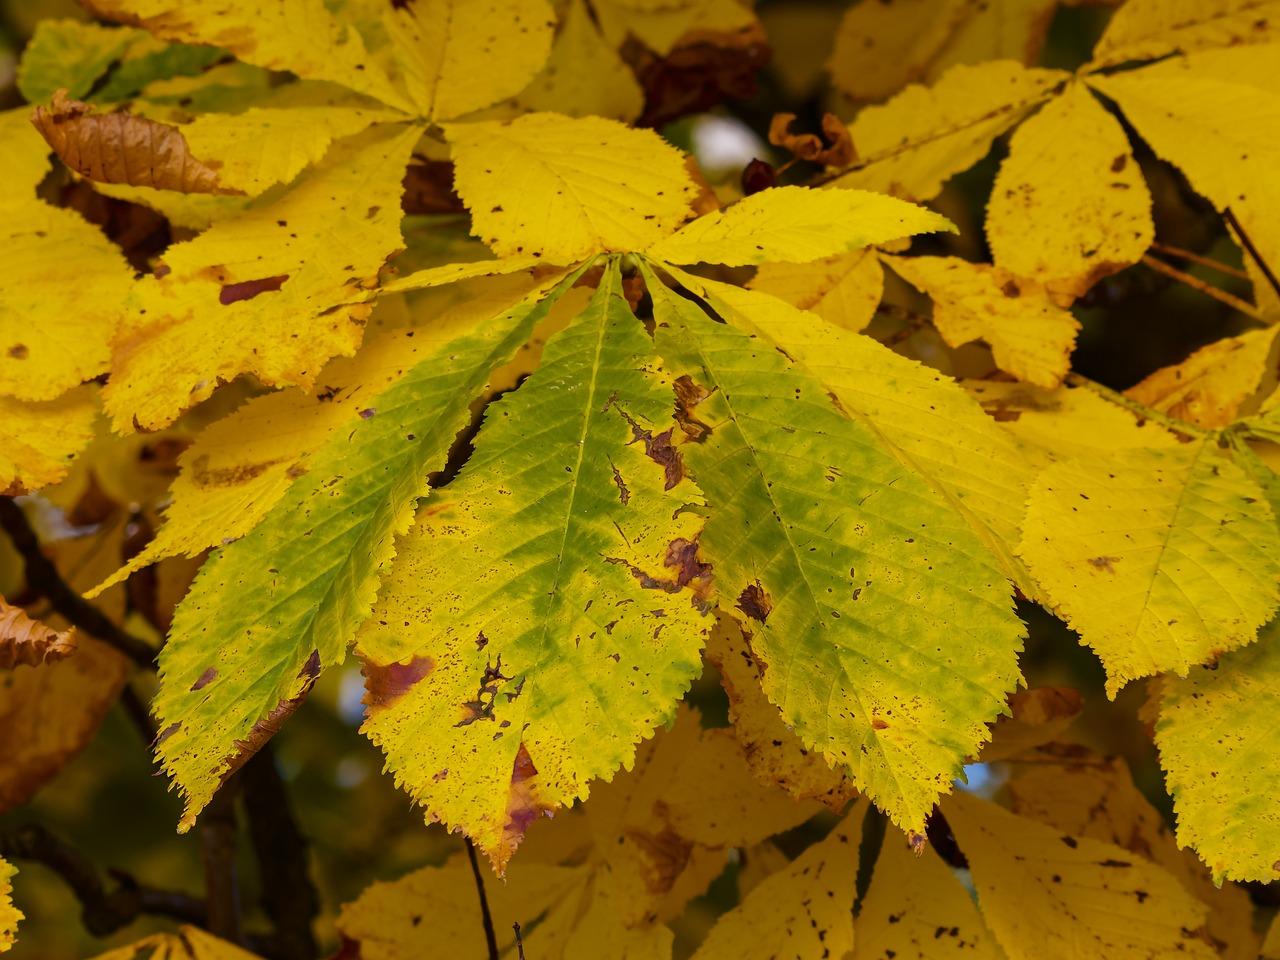 фото осенних листьев деревьев с названиями защищен